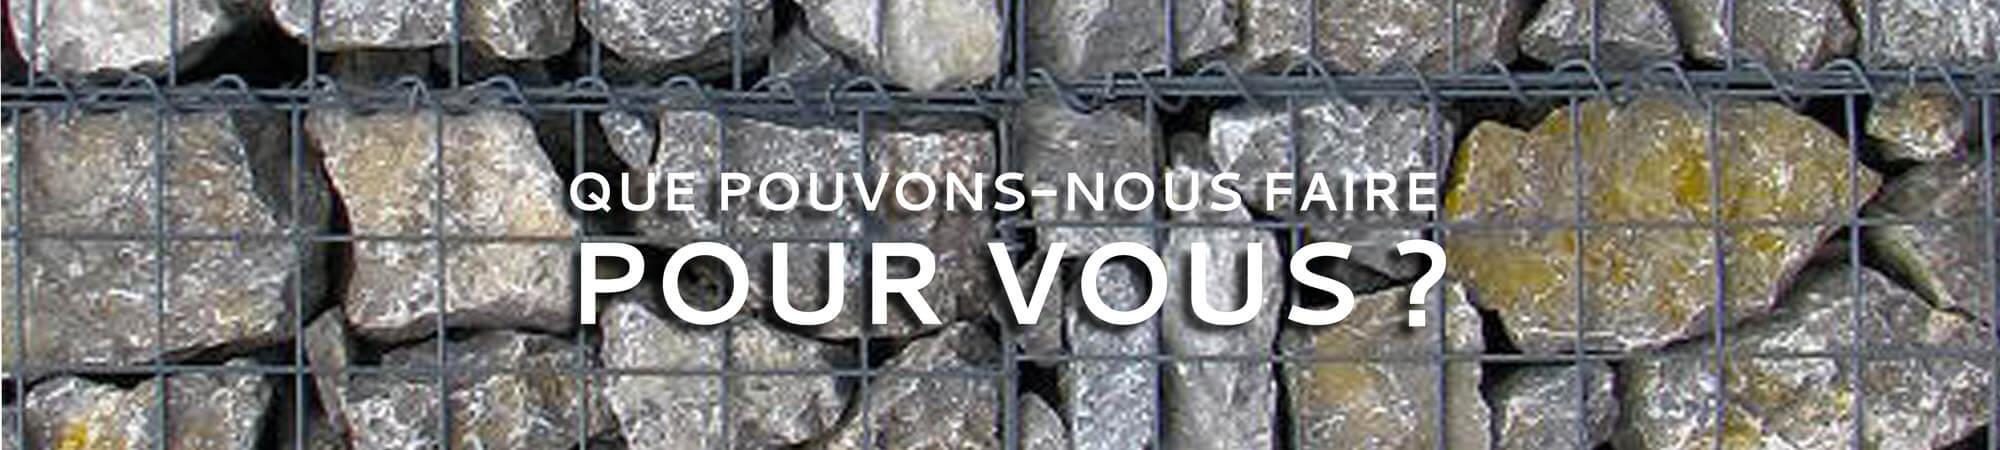 Vente et installation de murs de soutènements et murs gabions en pierre à petits prix